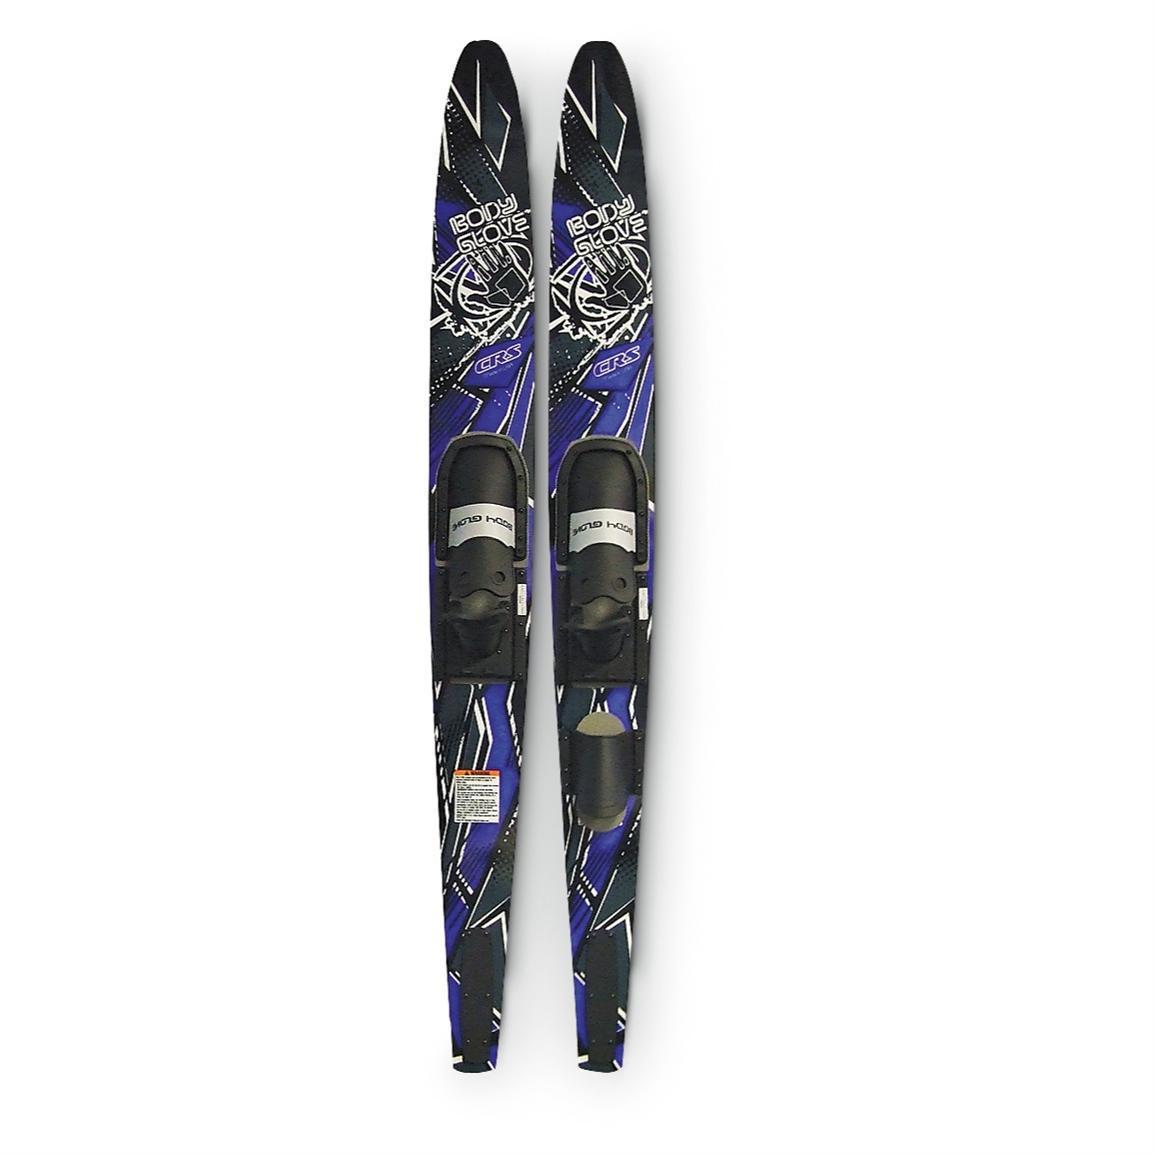 Лыжи Body Glove SIGNATURE, 170см